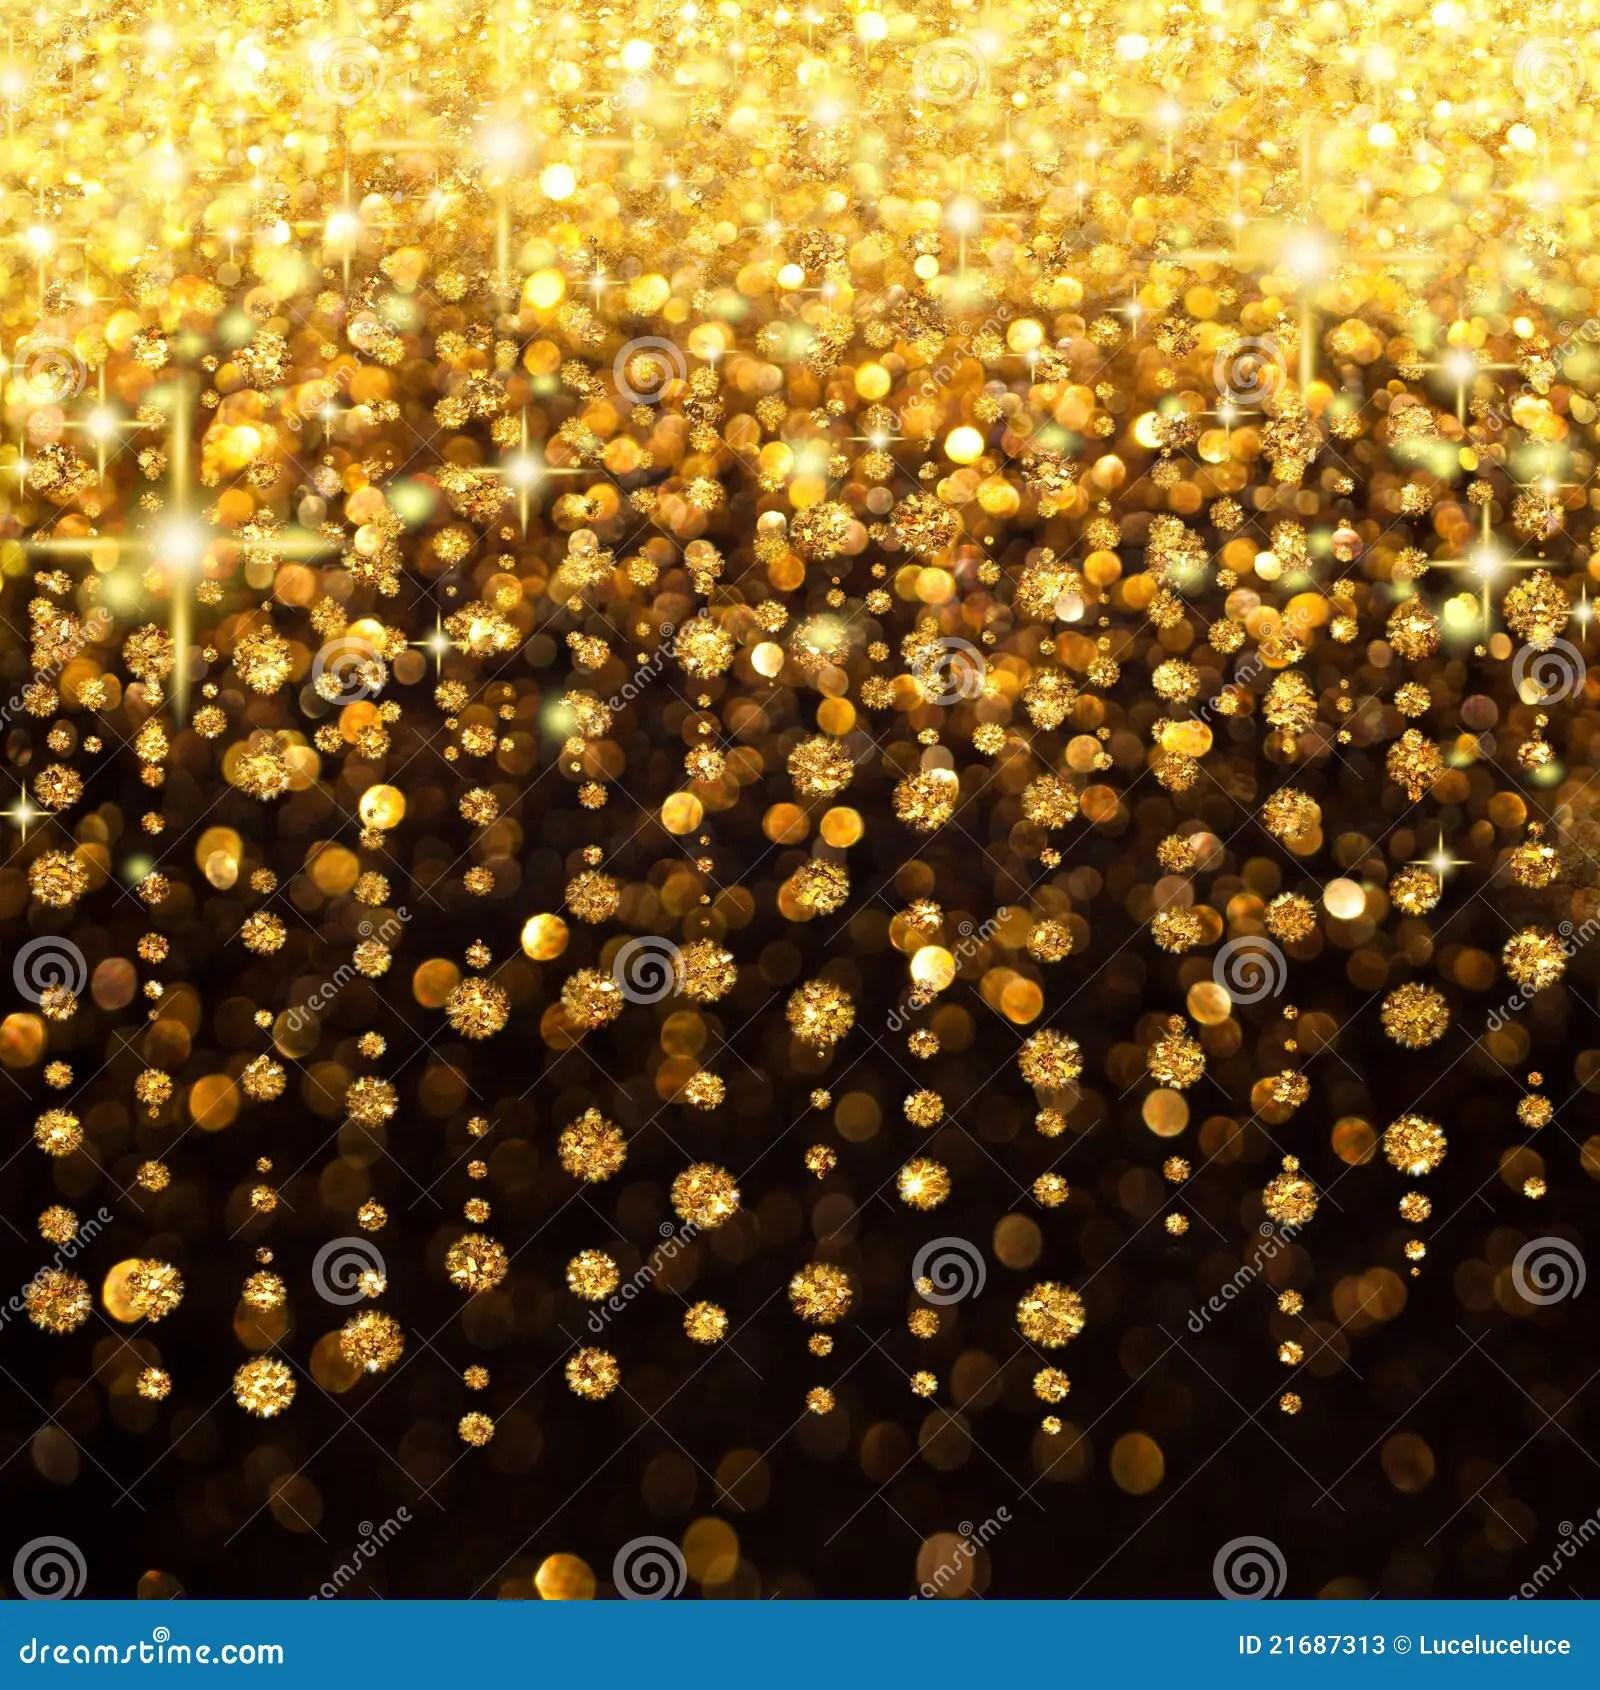 Falling Gold Sparkles Wallpaper Regen Van Kerstmis Van Lichten Of De Achtergrond Van De